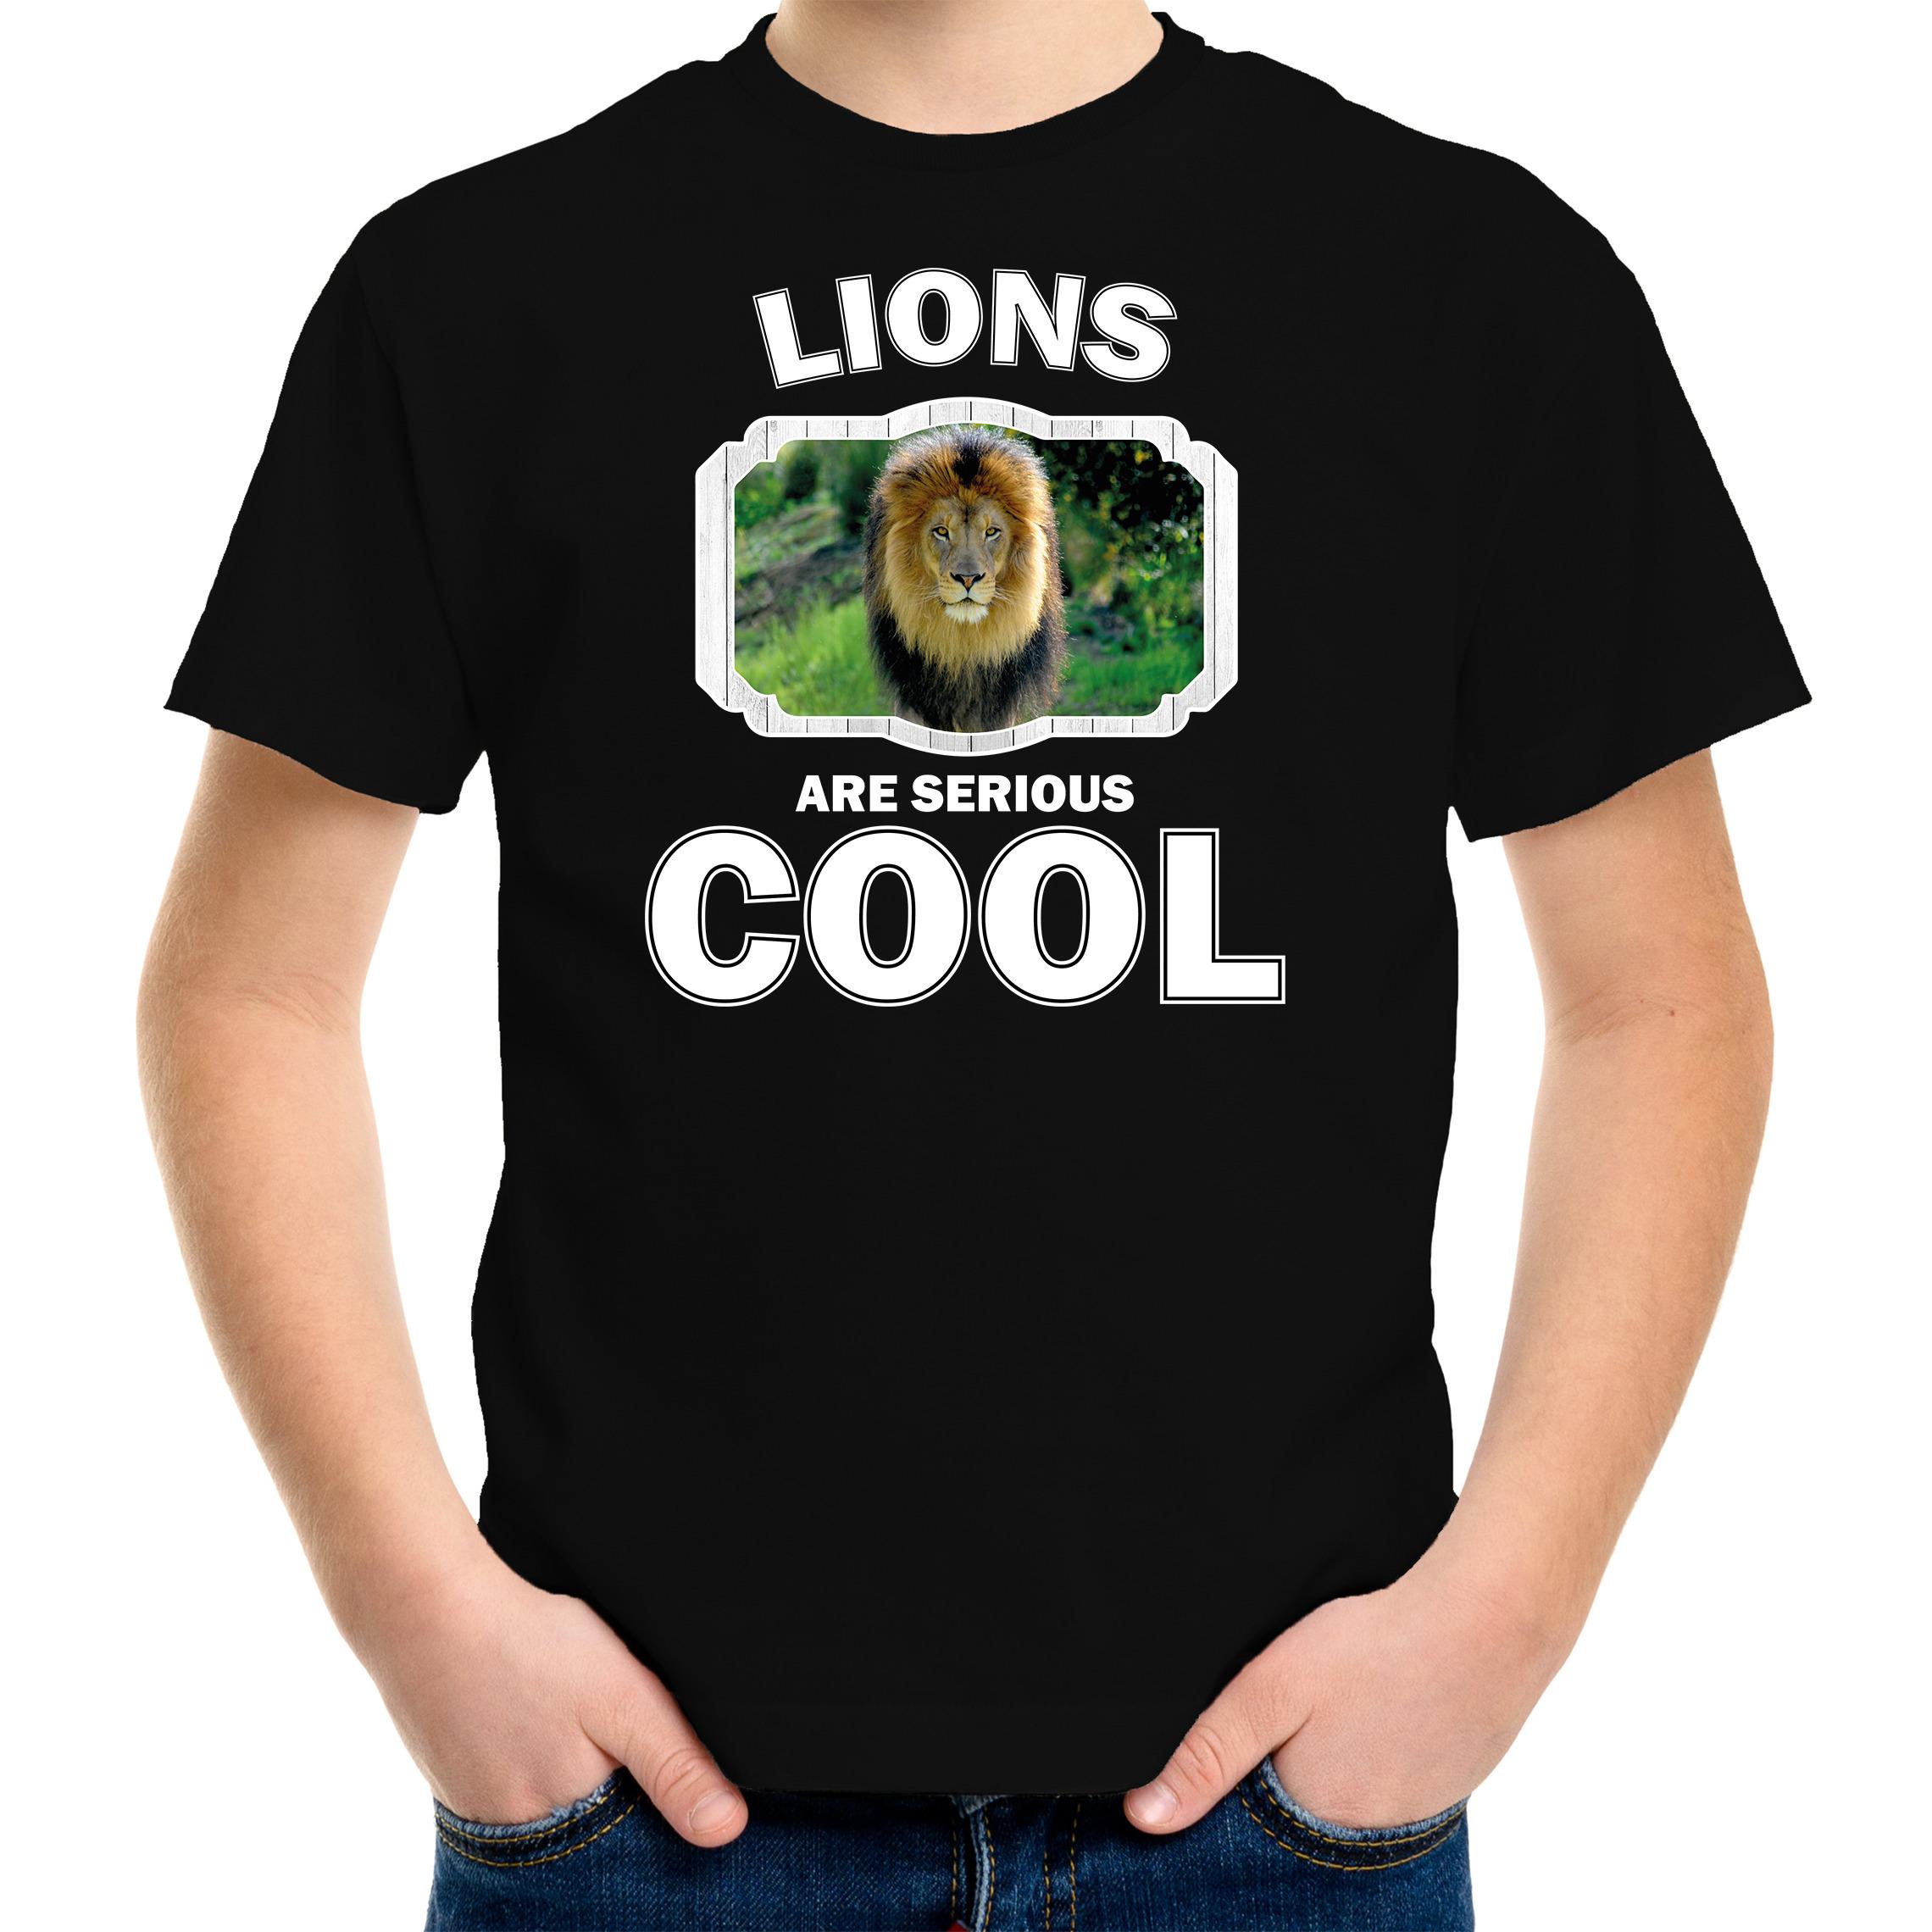 T-shirt lions are serious cool zwart kinderen - leeuwen/ leeuw shirt